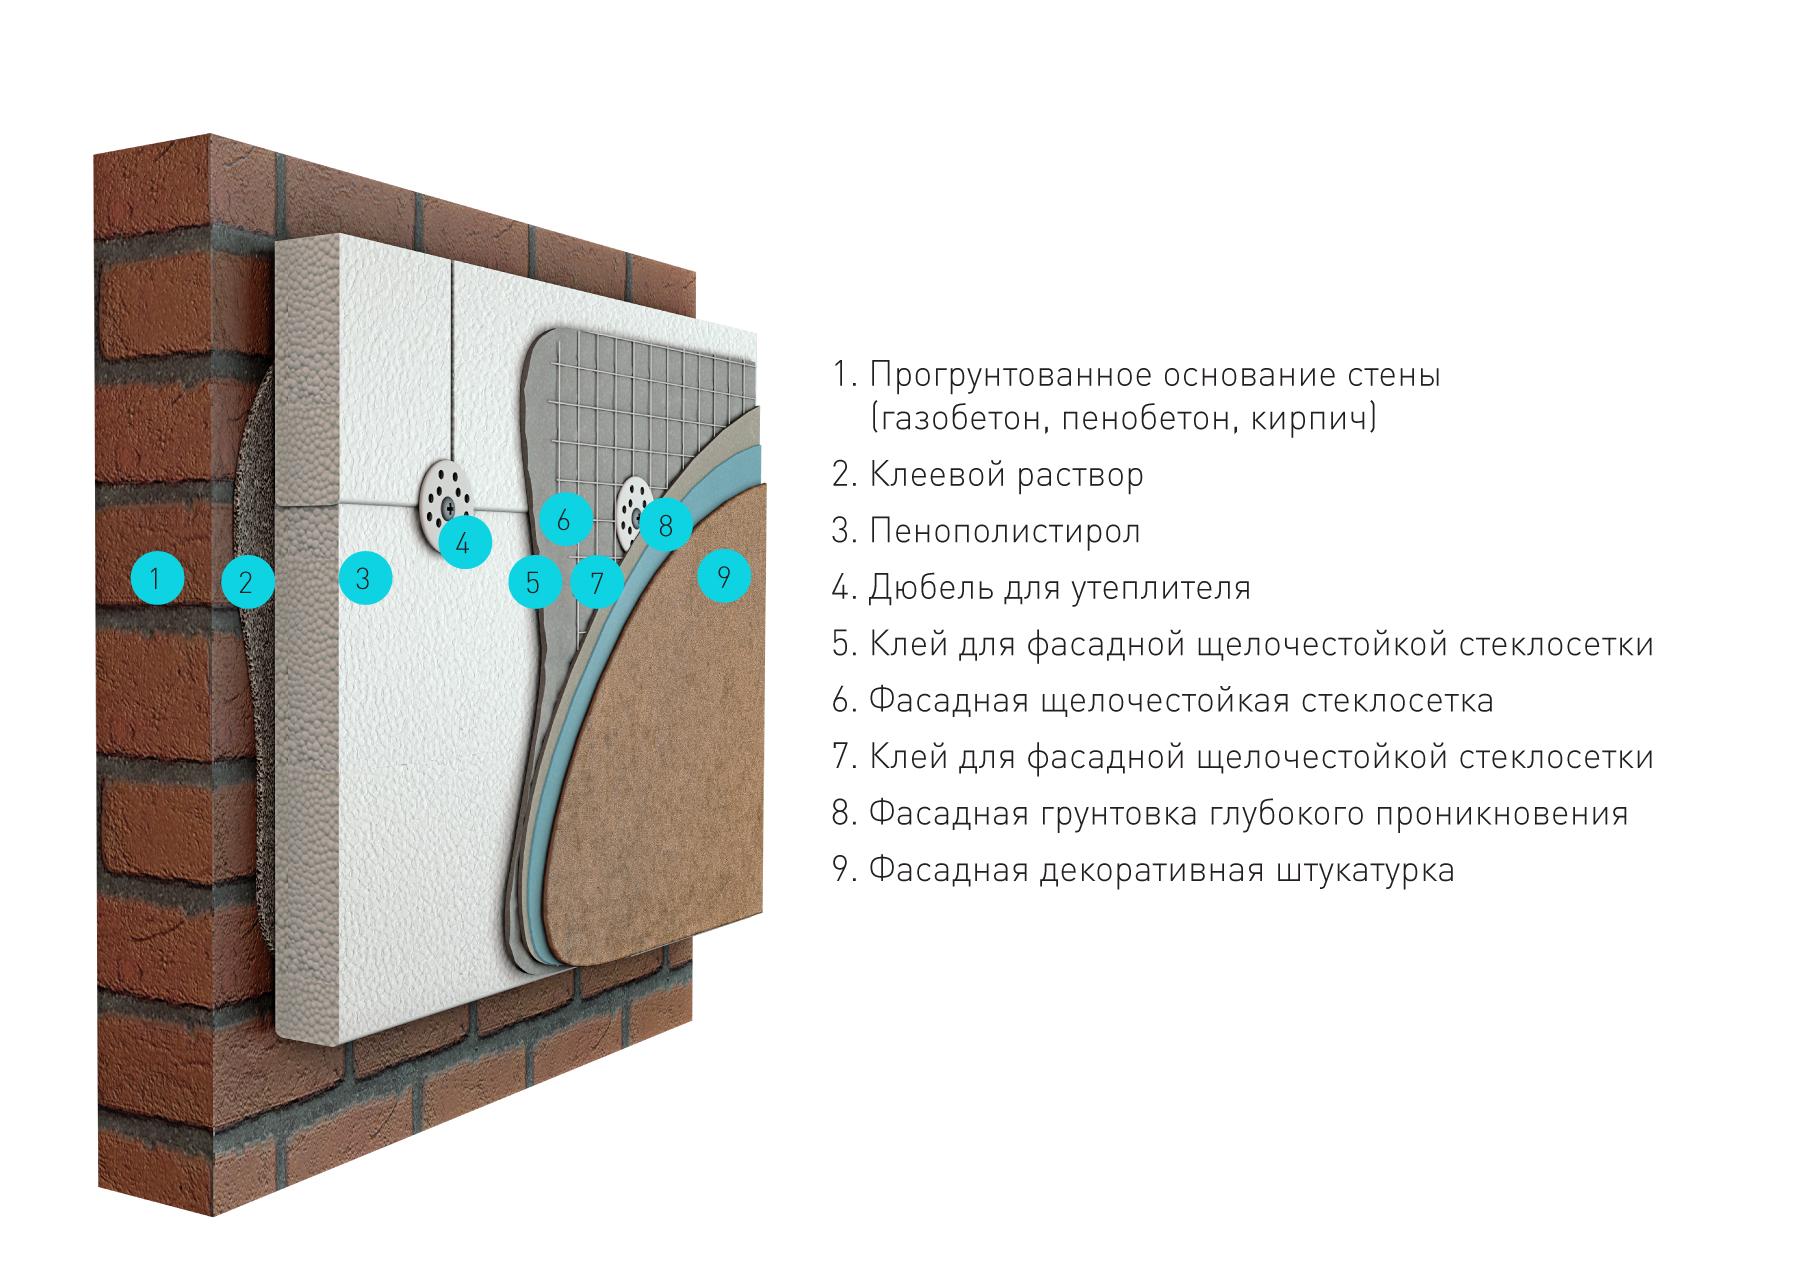 Утепление фасада пенопластом своими руками: какой выбрать